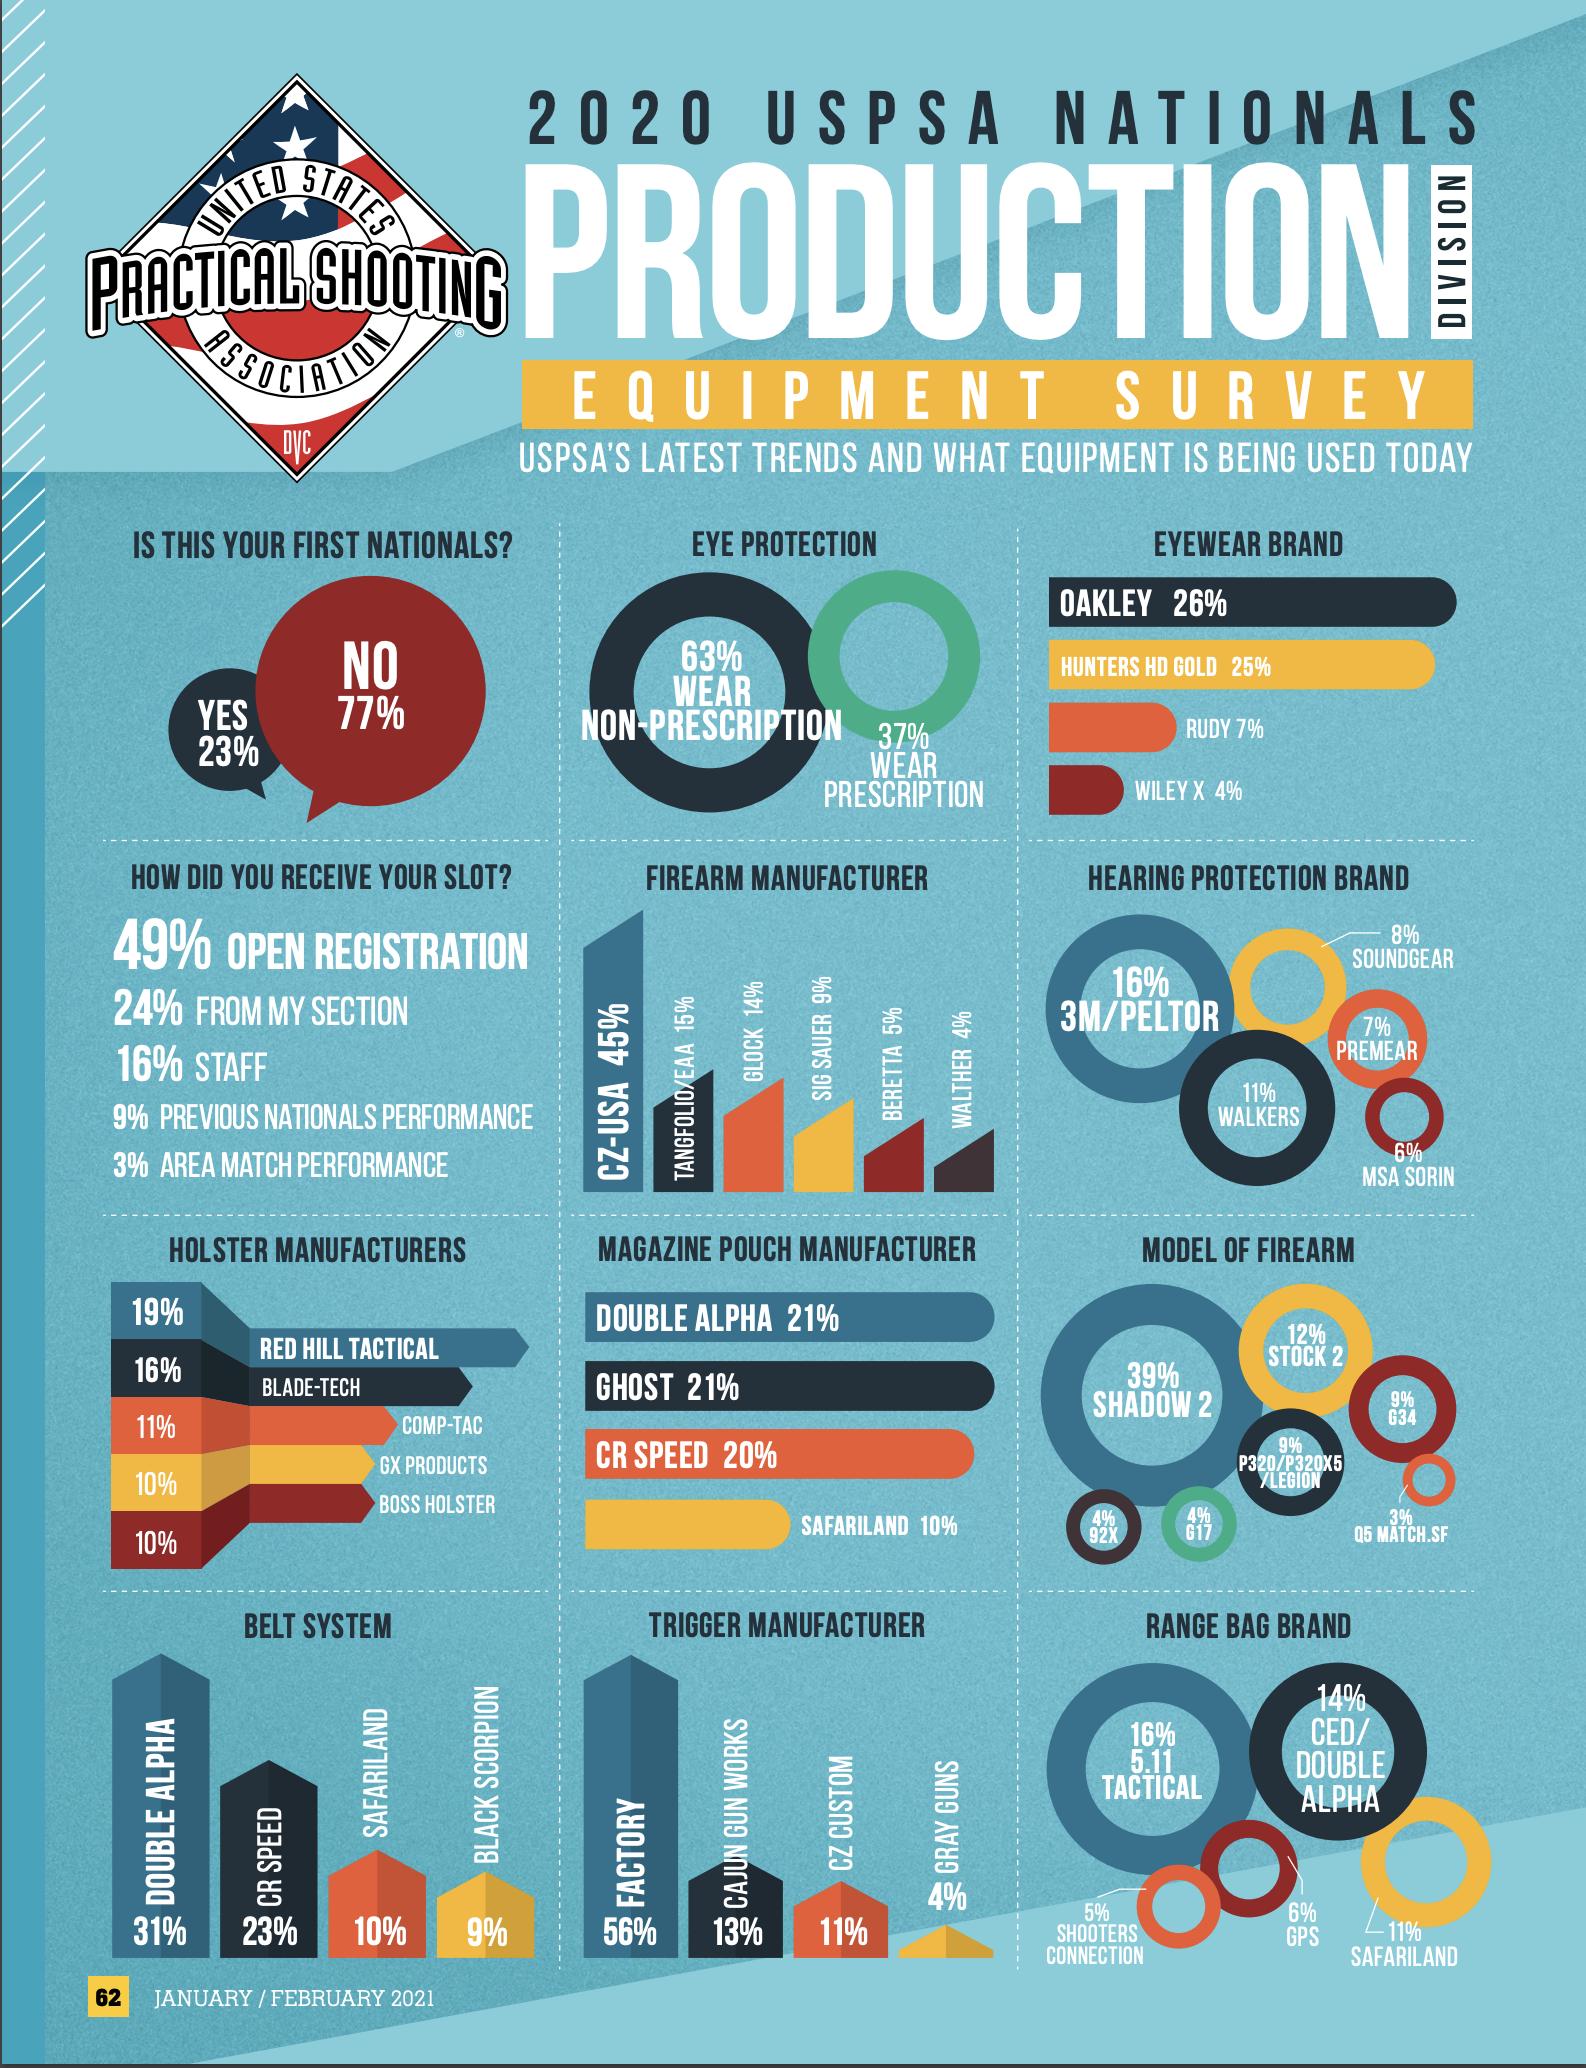 Production gear survey for USPSA